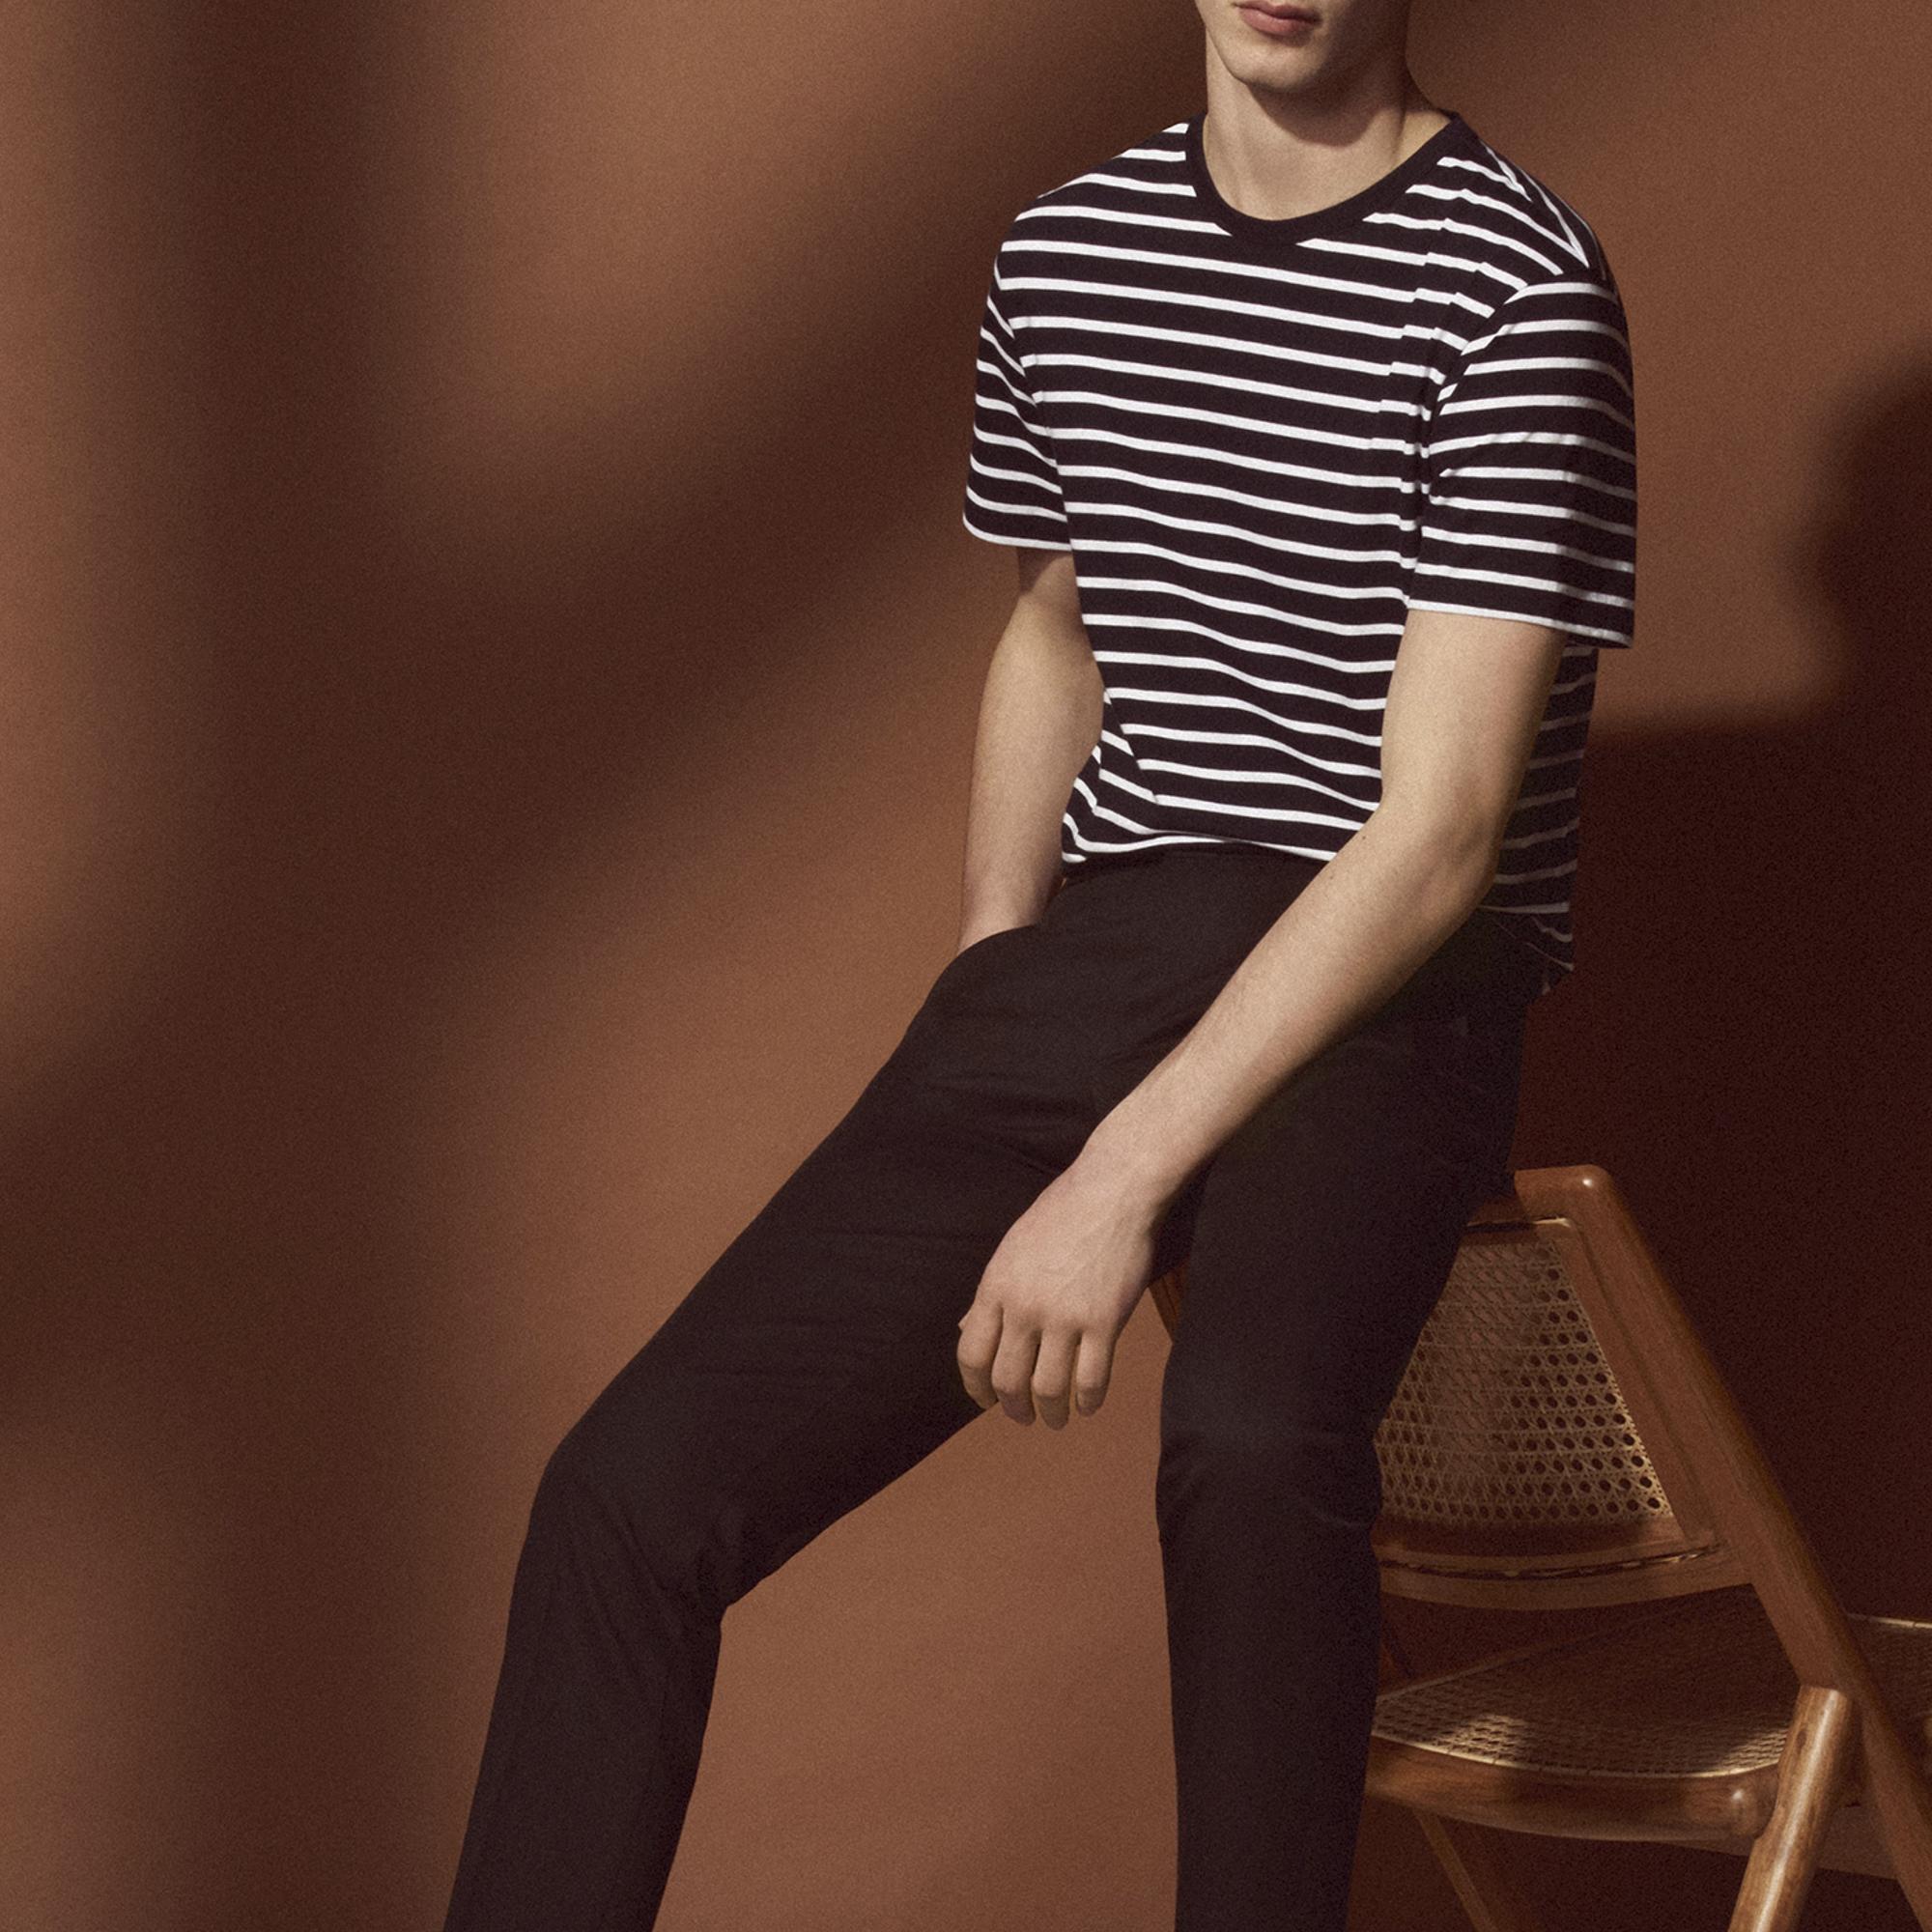 Pantaloni chino : Sandro x Mr Porter colore Nero